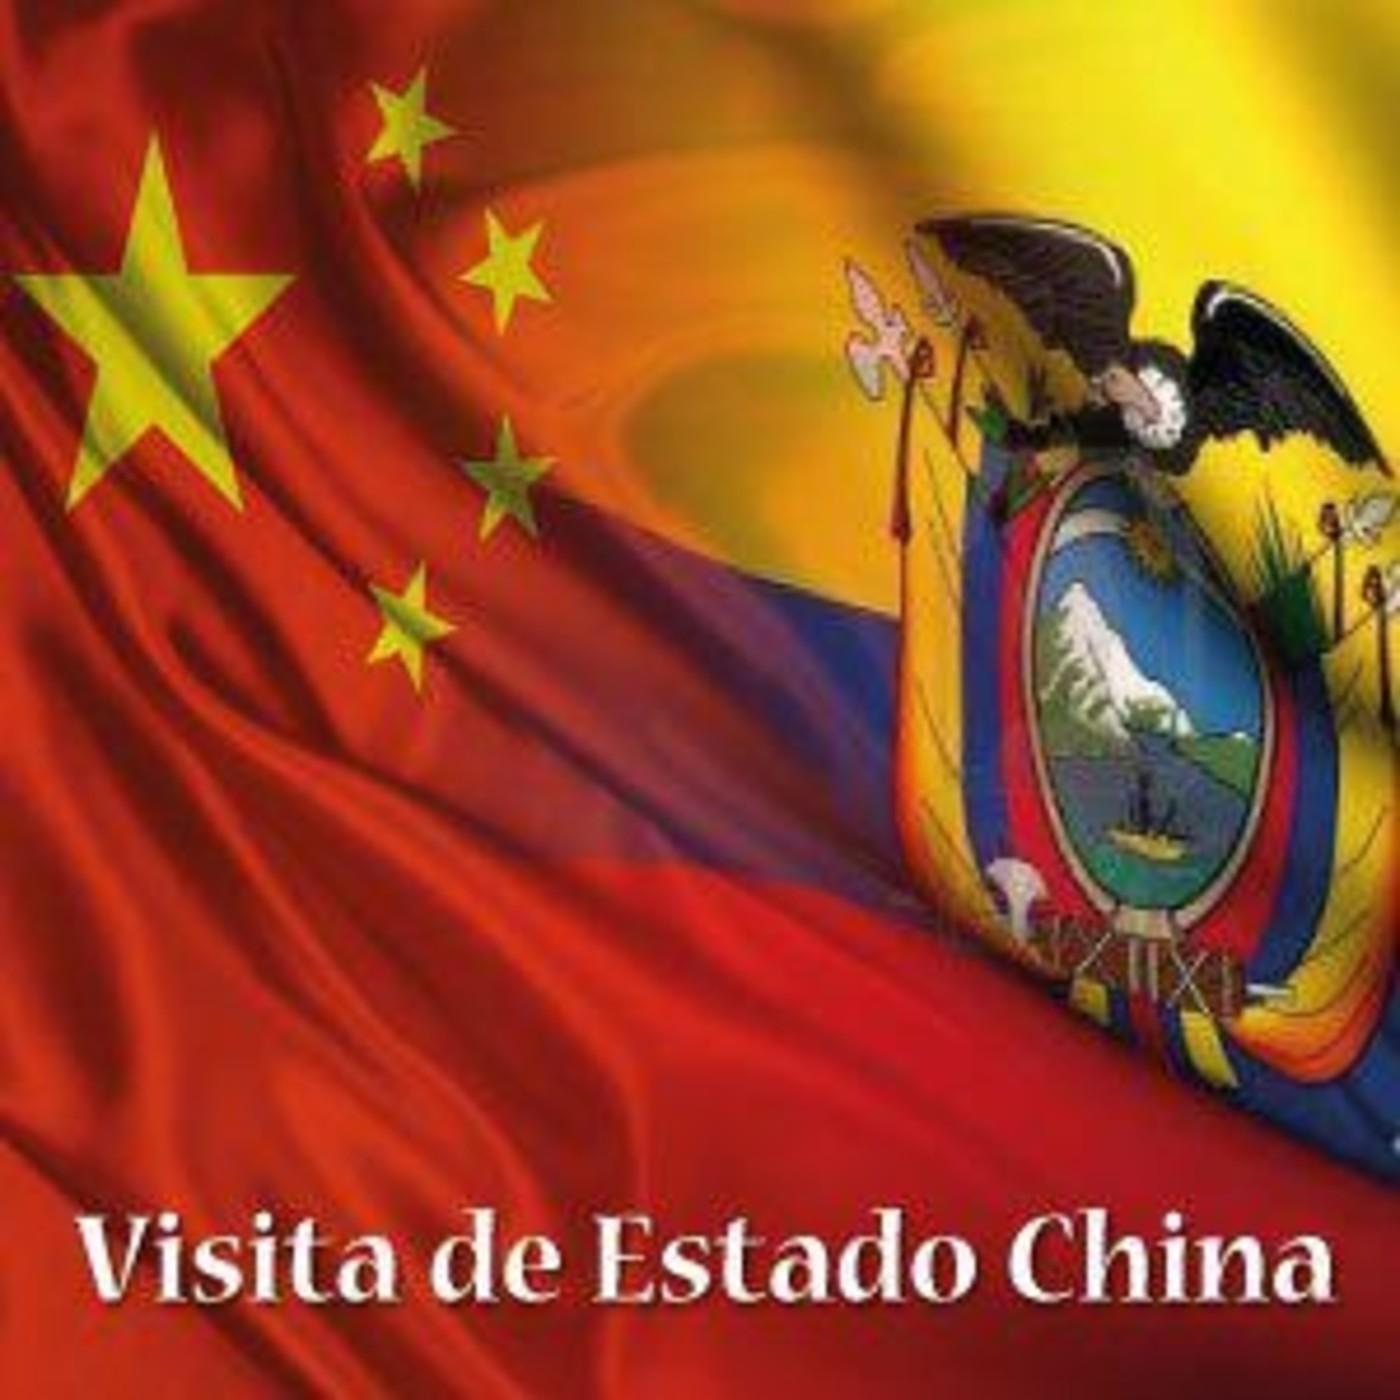 Visita de estado China